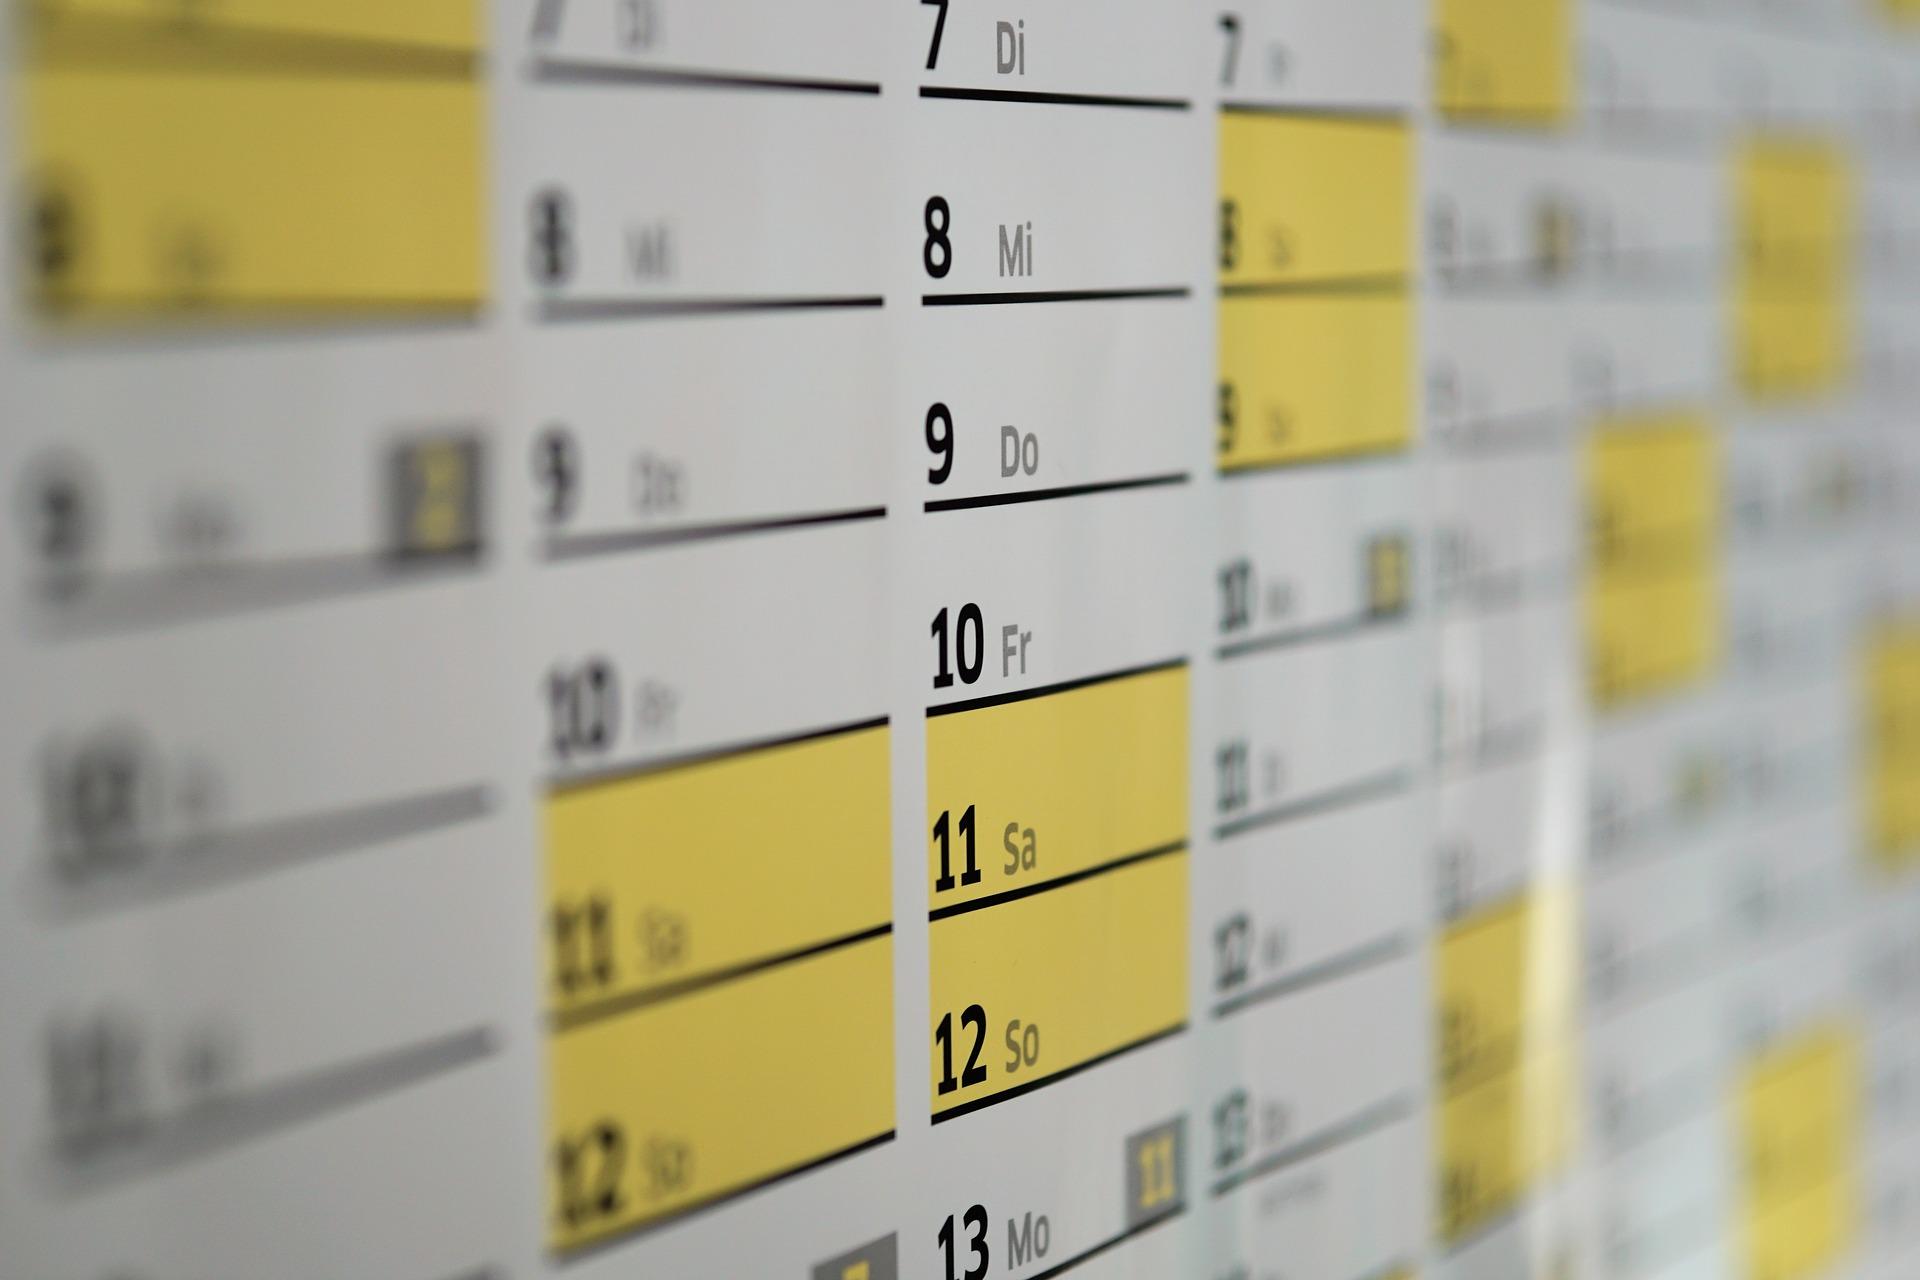 Jak ustalić datę przekazania kluczy